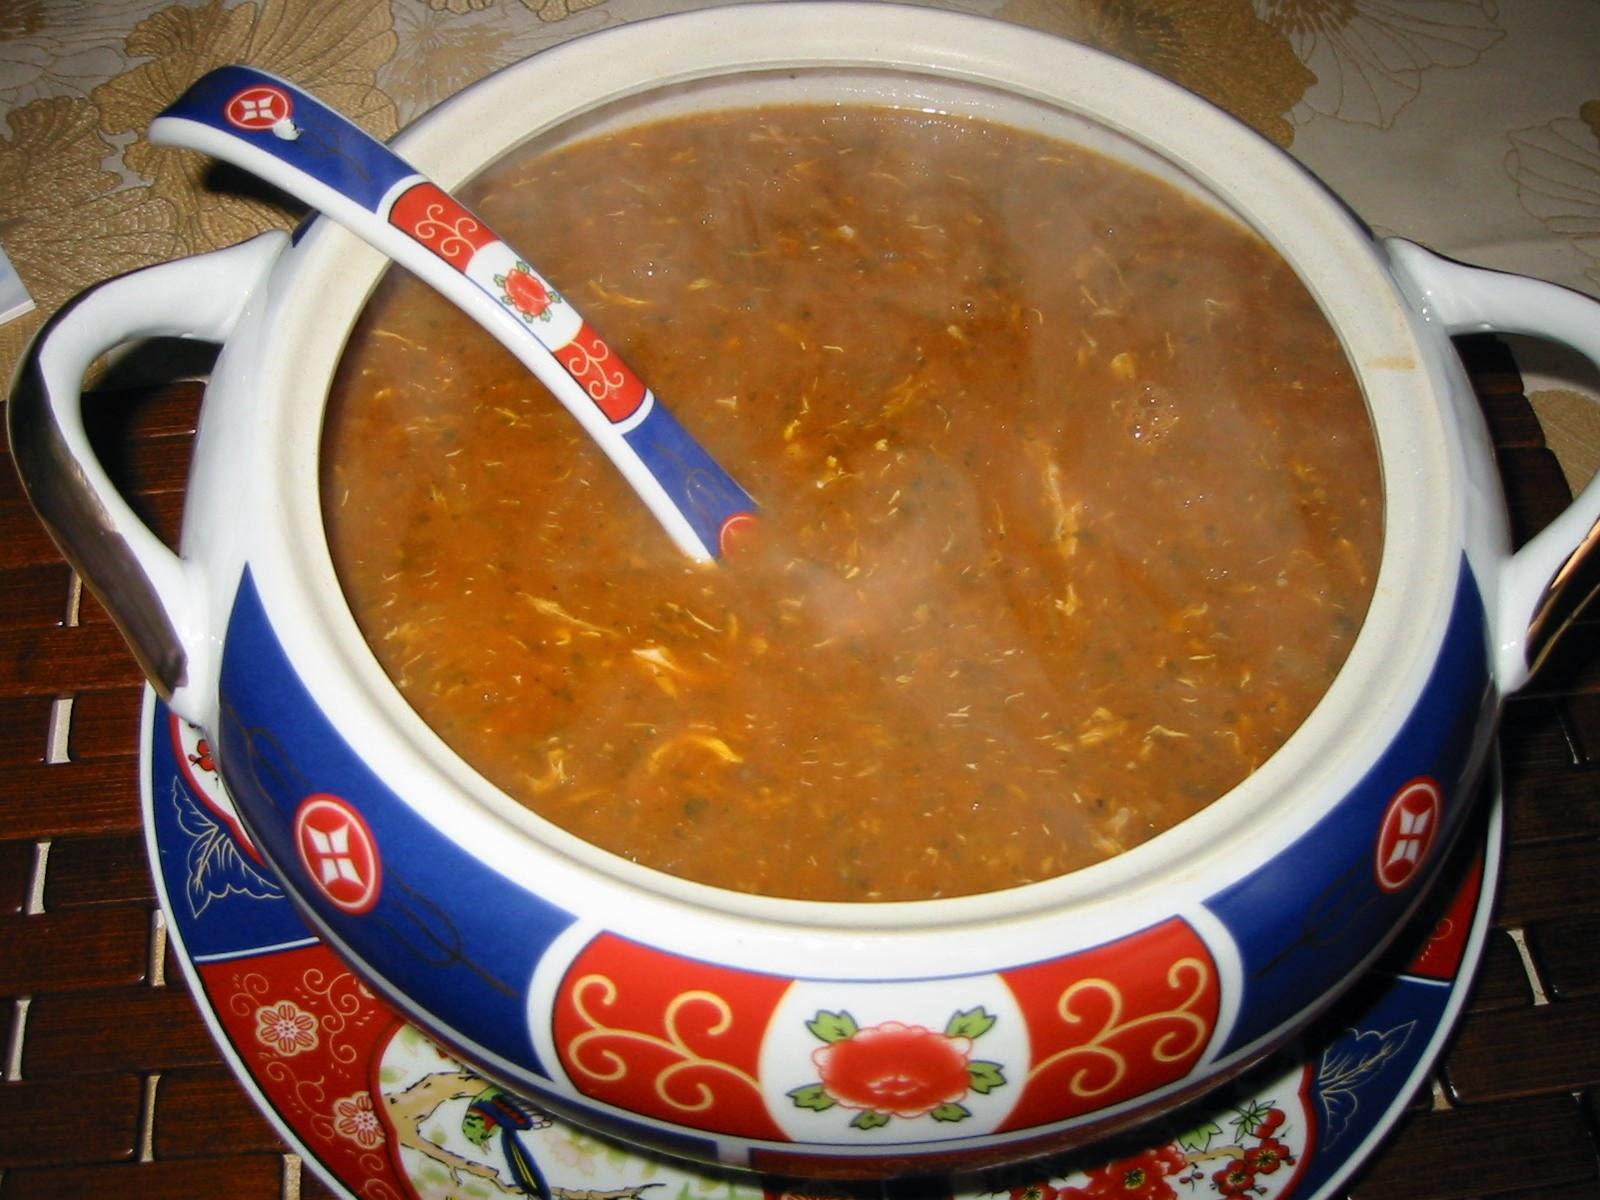 Recette de harira marocaine